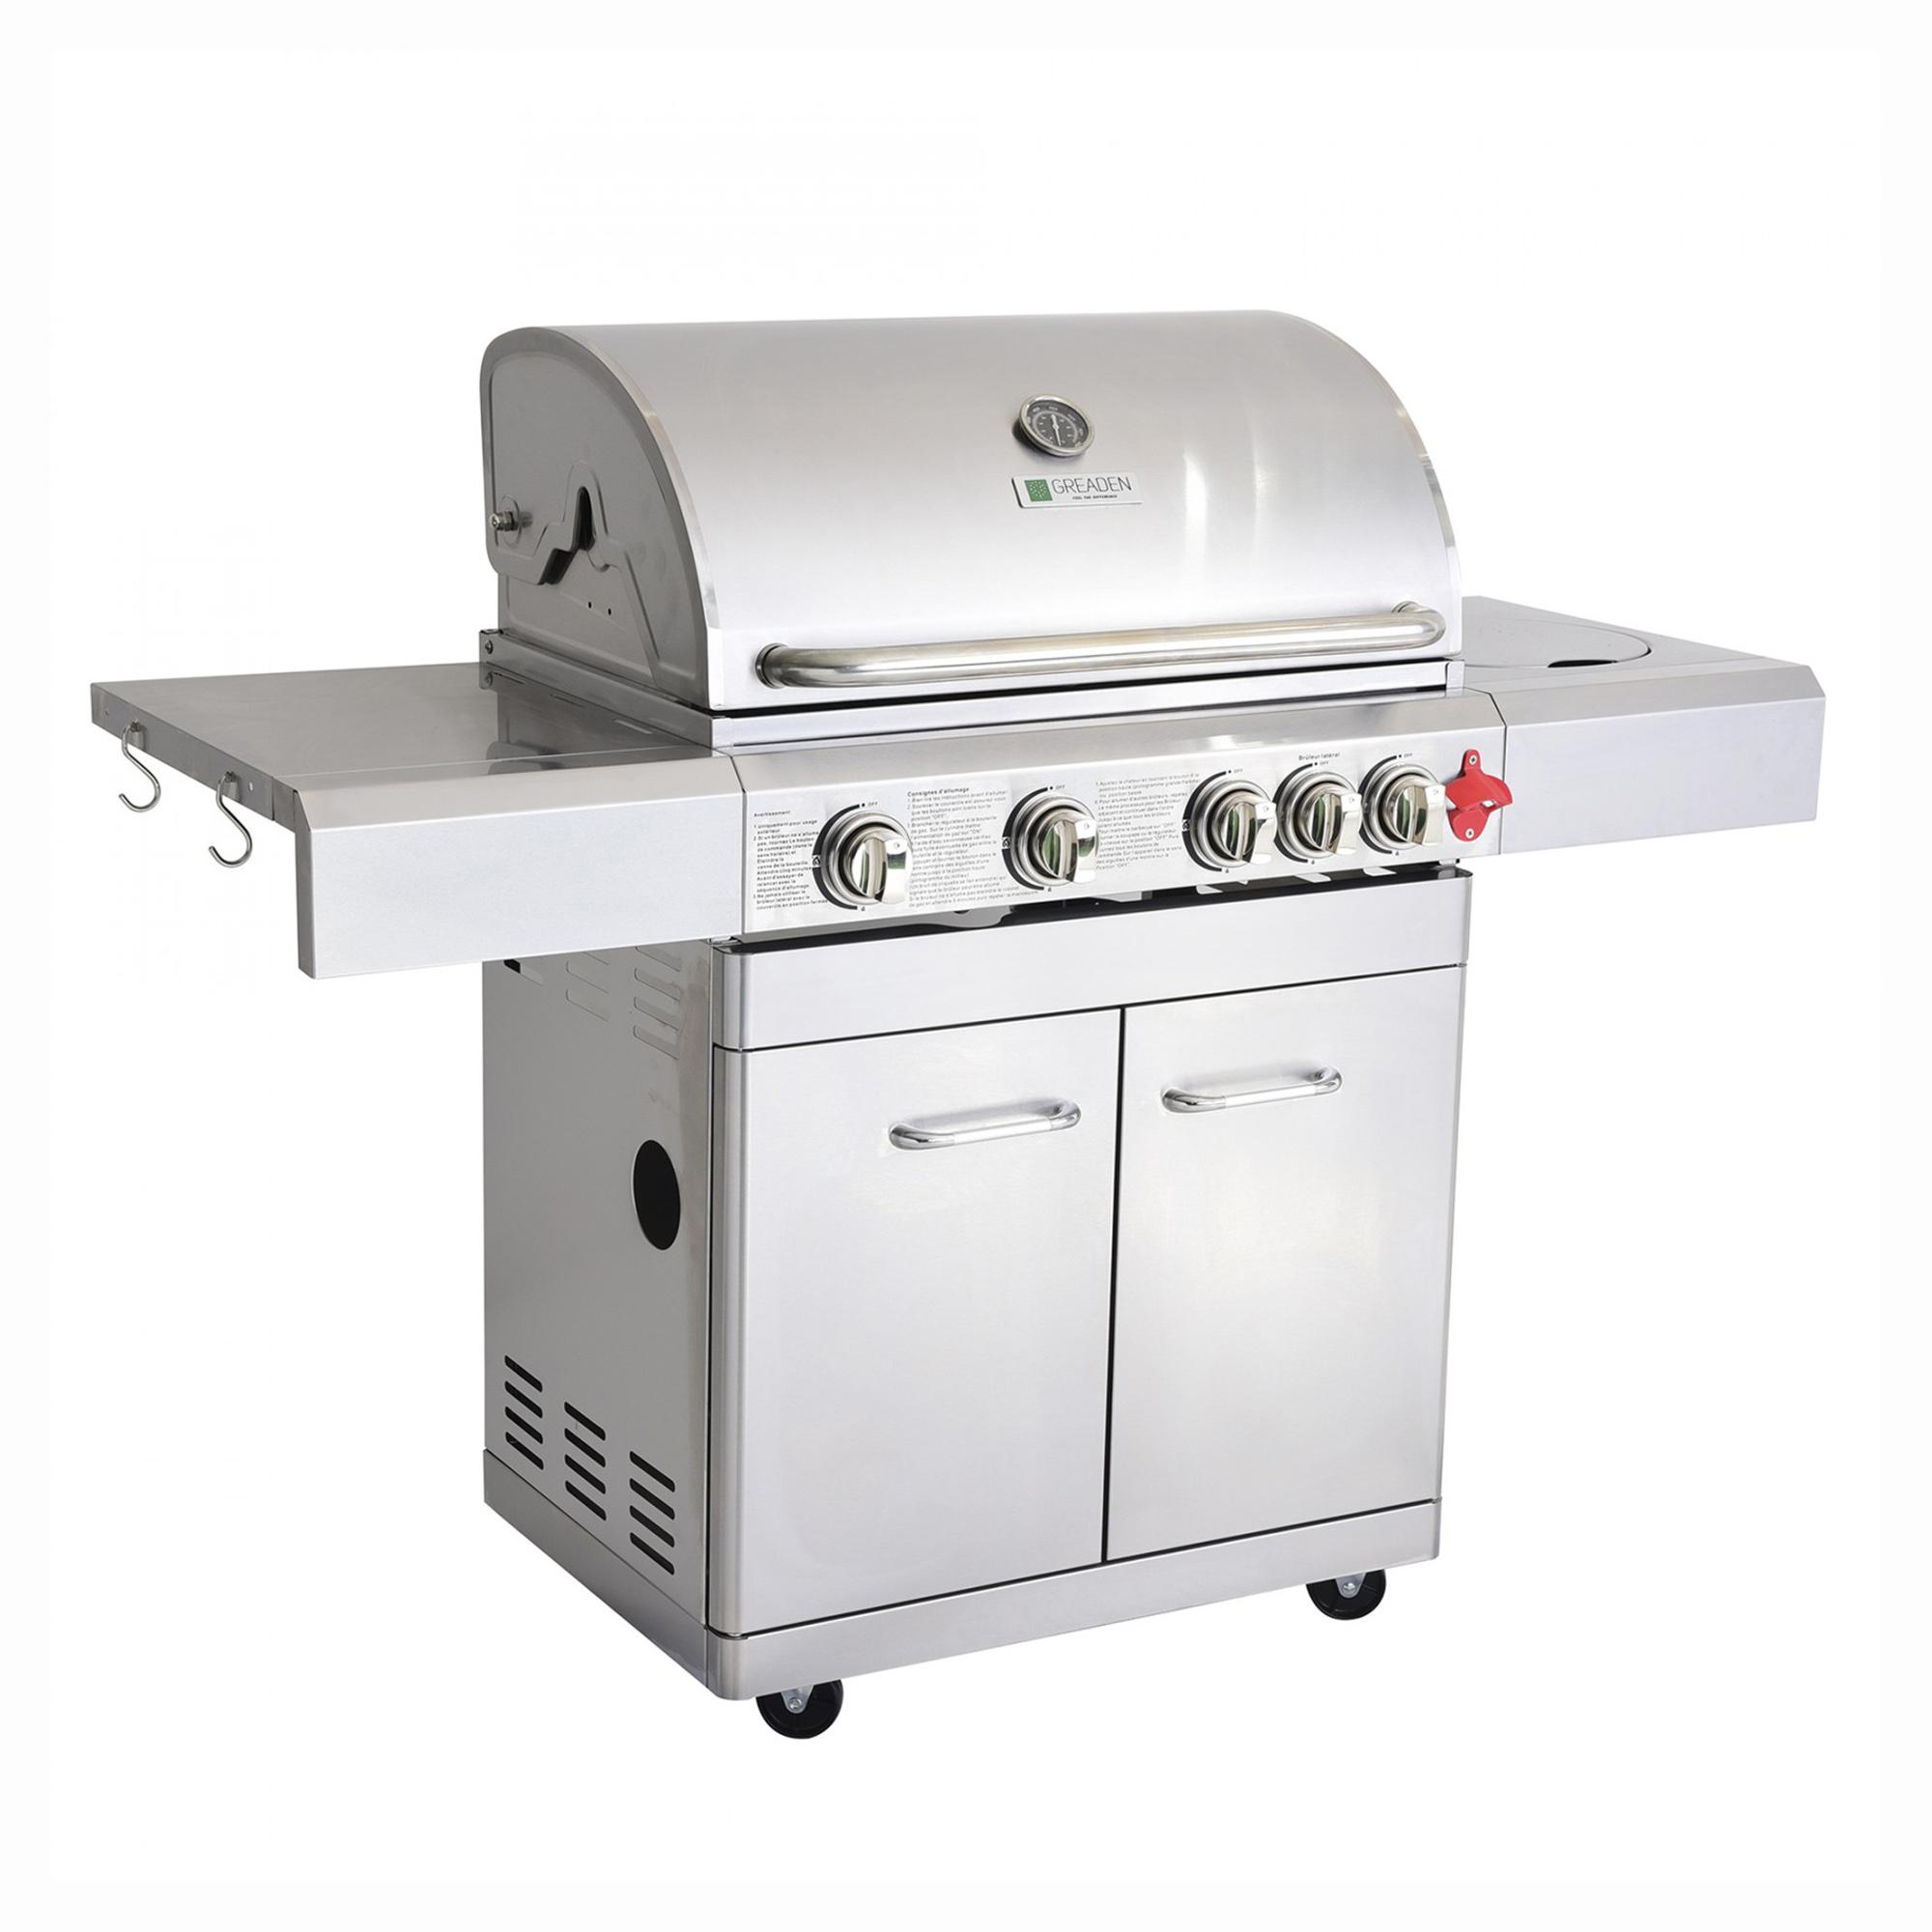 Barbecue à gaz 4 brûleurs avec kit flexible et housse en acier inox